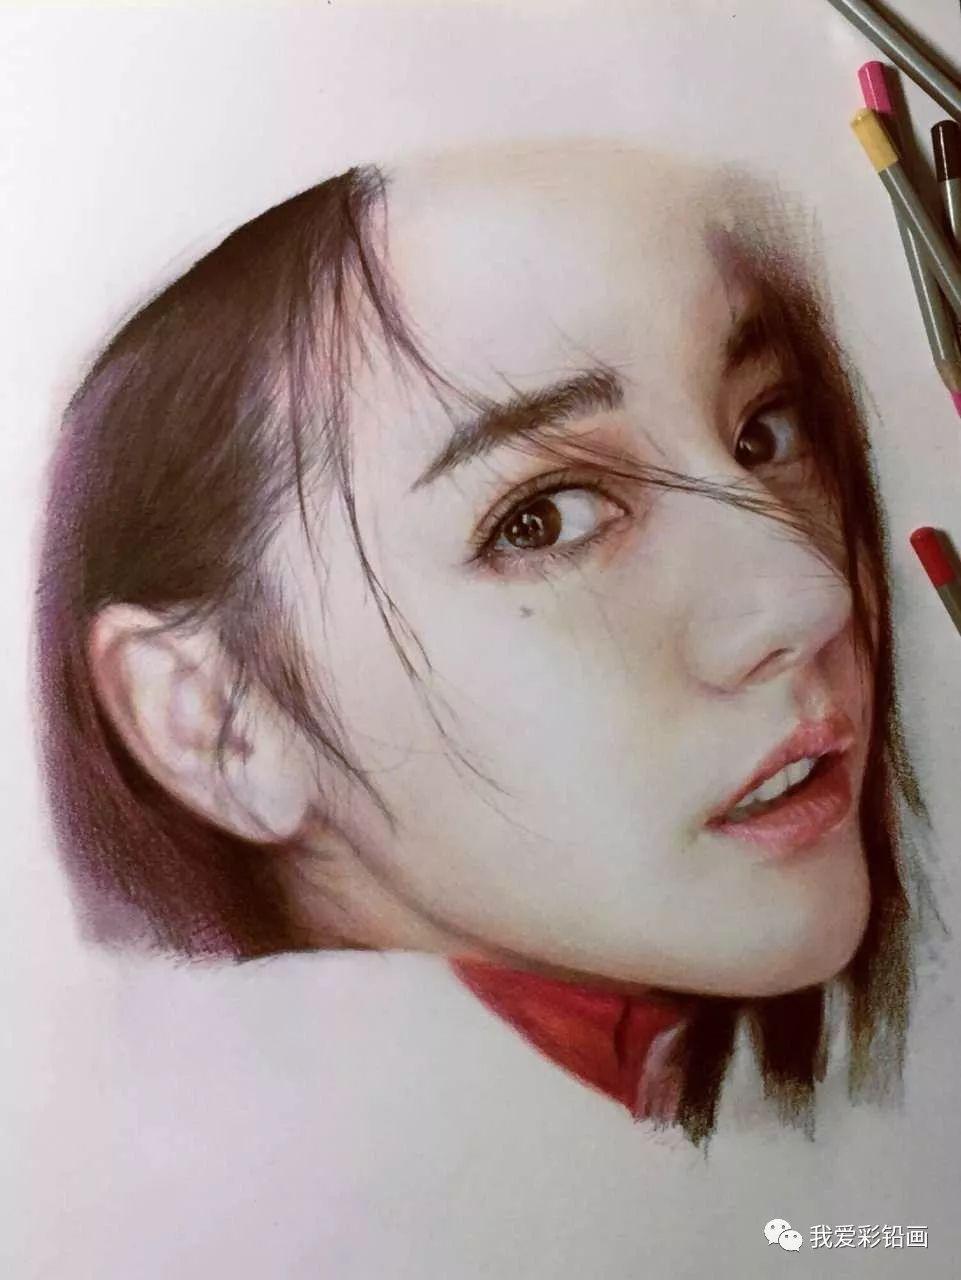 大神彩铅手绘~迪丽热巴!超美